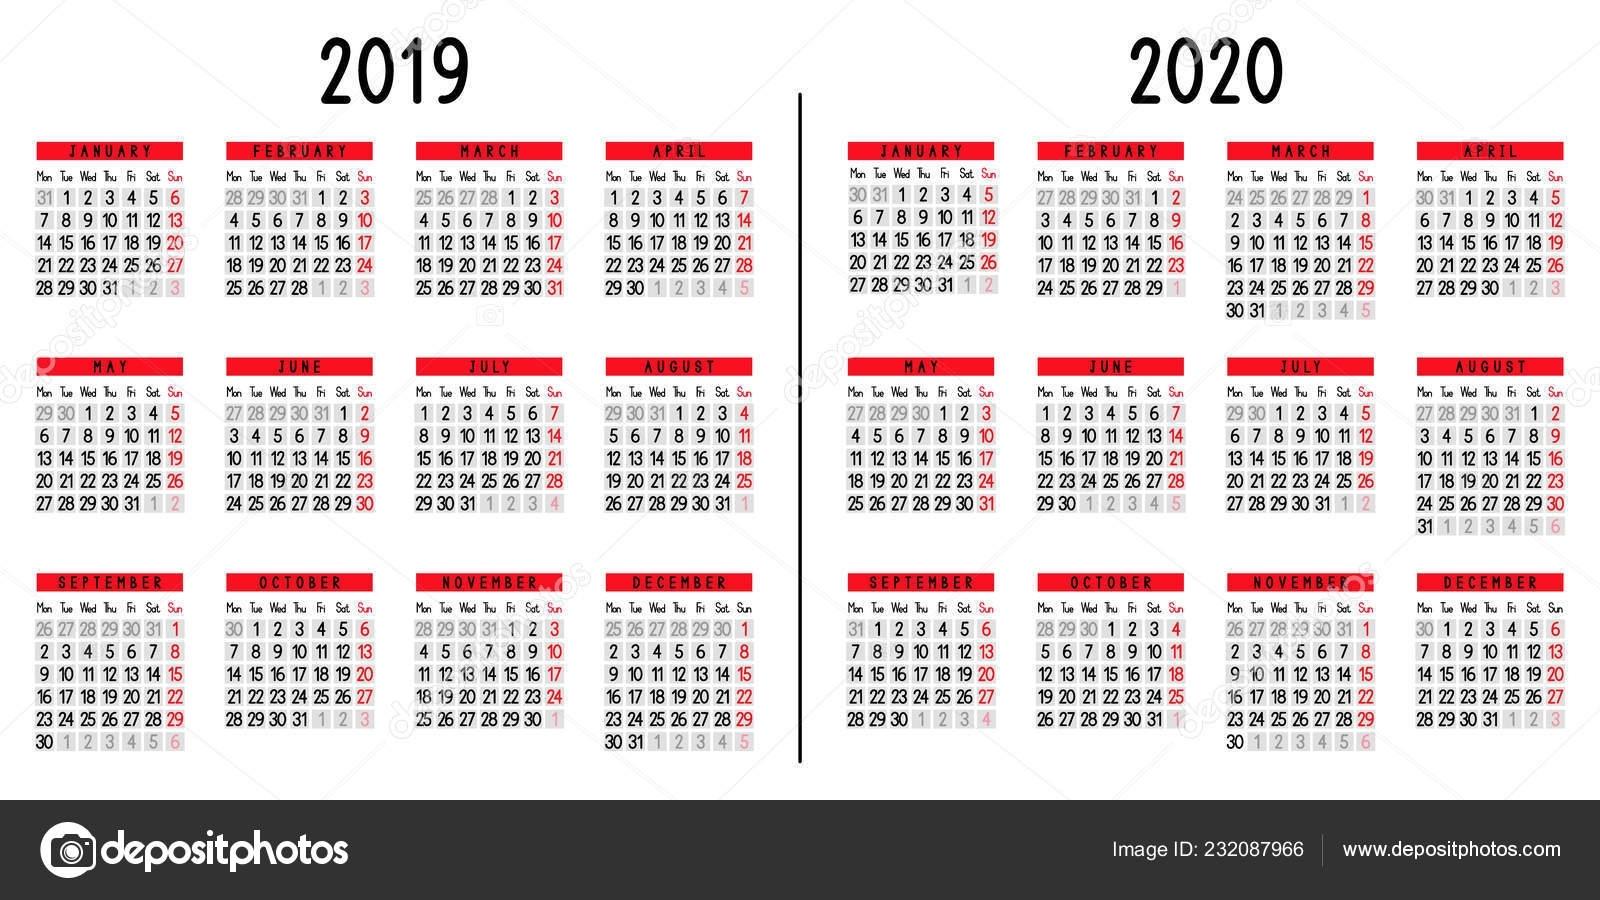 Week Count Calendar 2019-2020 - Calendar Inspiration Design